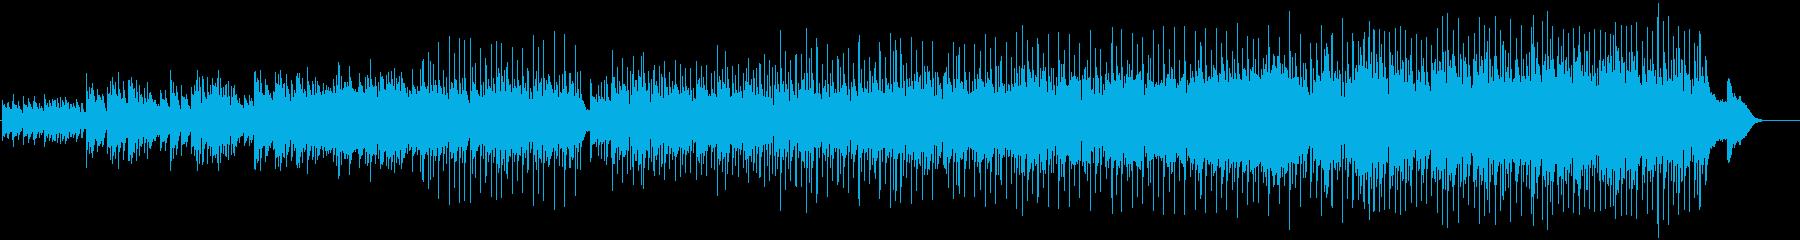 [秋] 忘れじの渚(歌謡ポップ風)の再生済みの波形